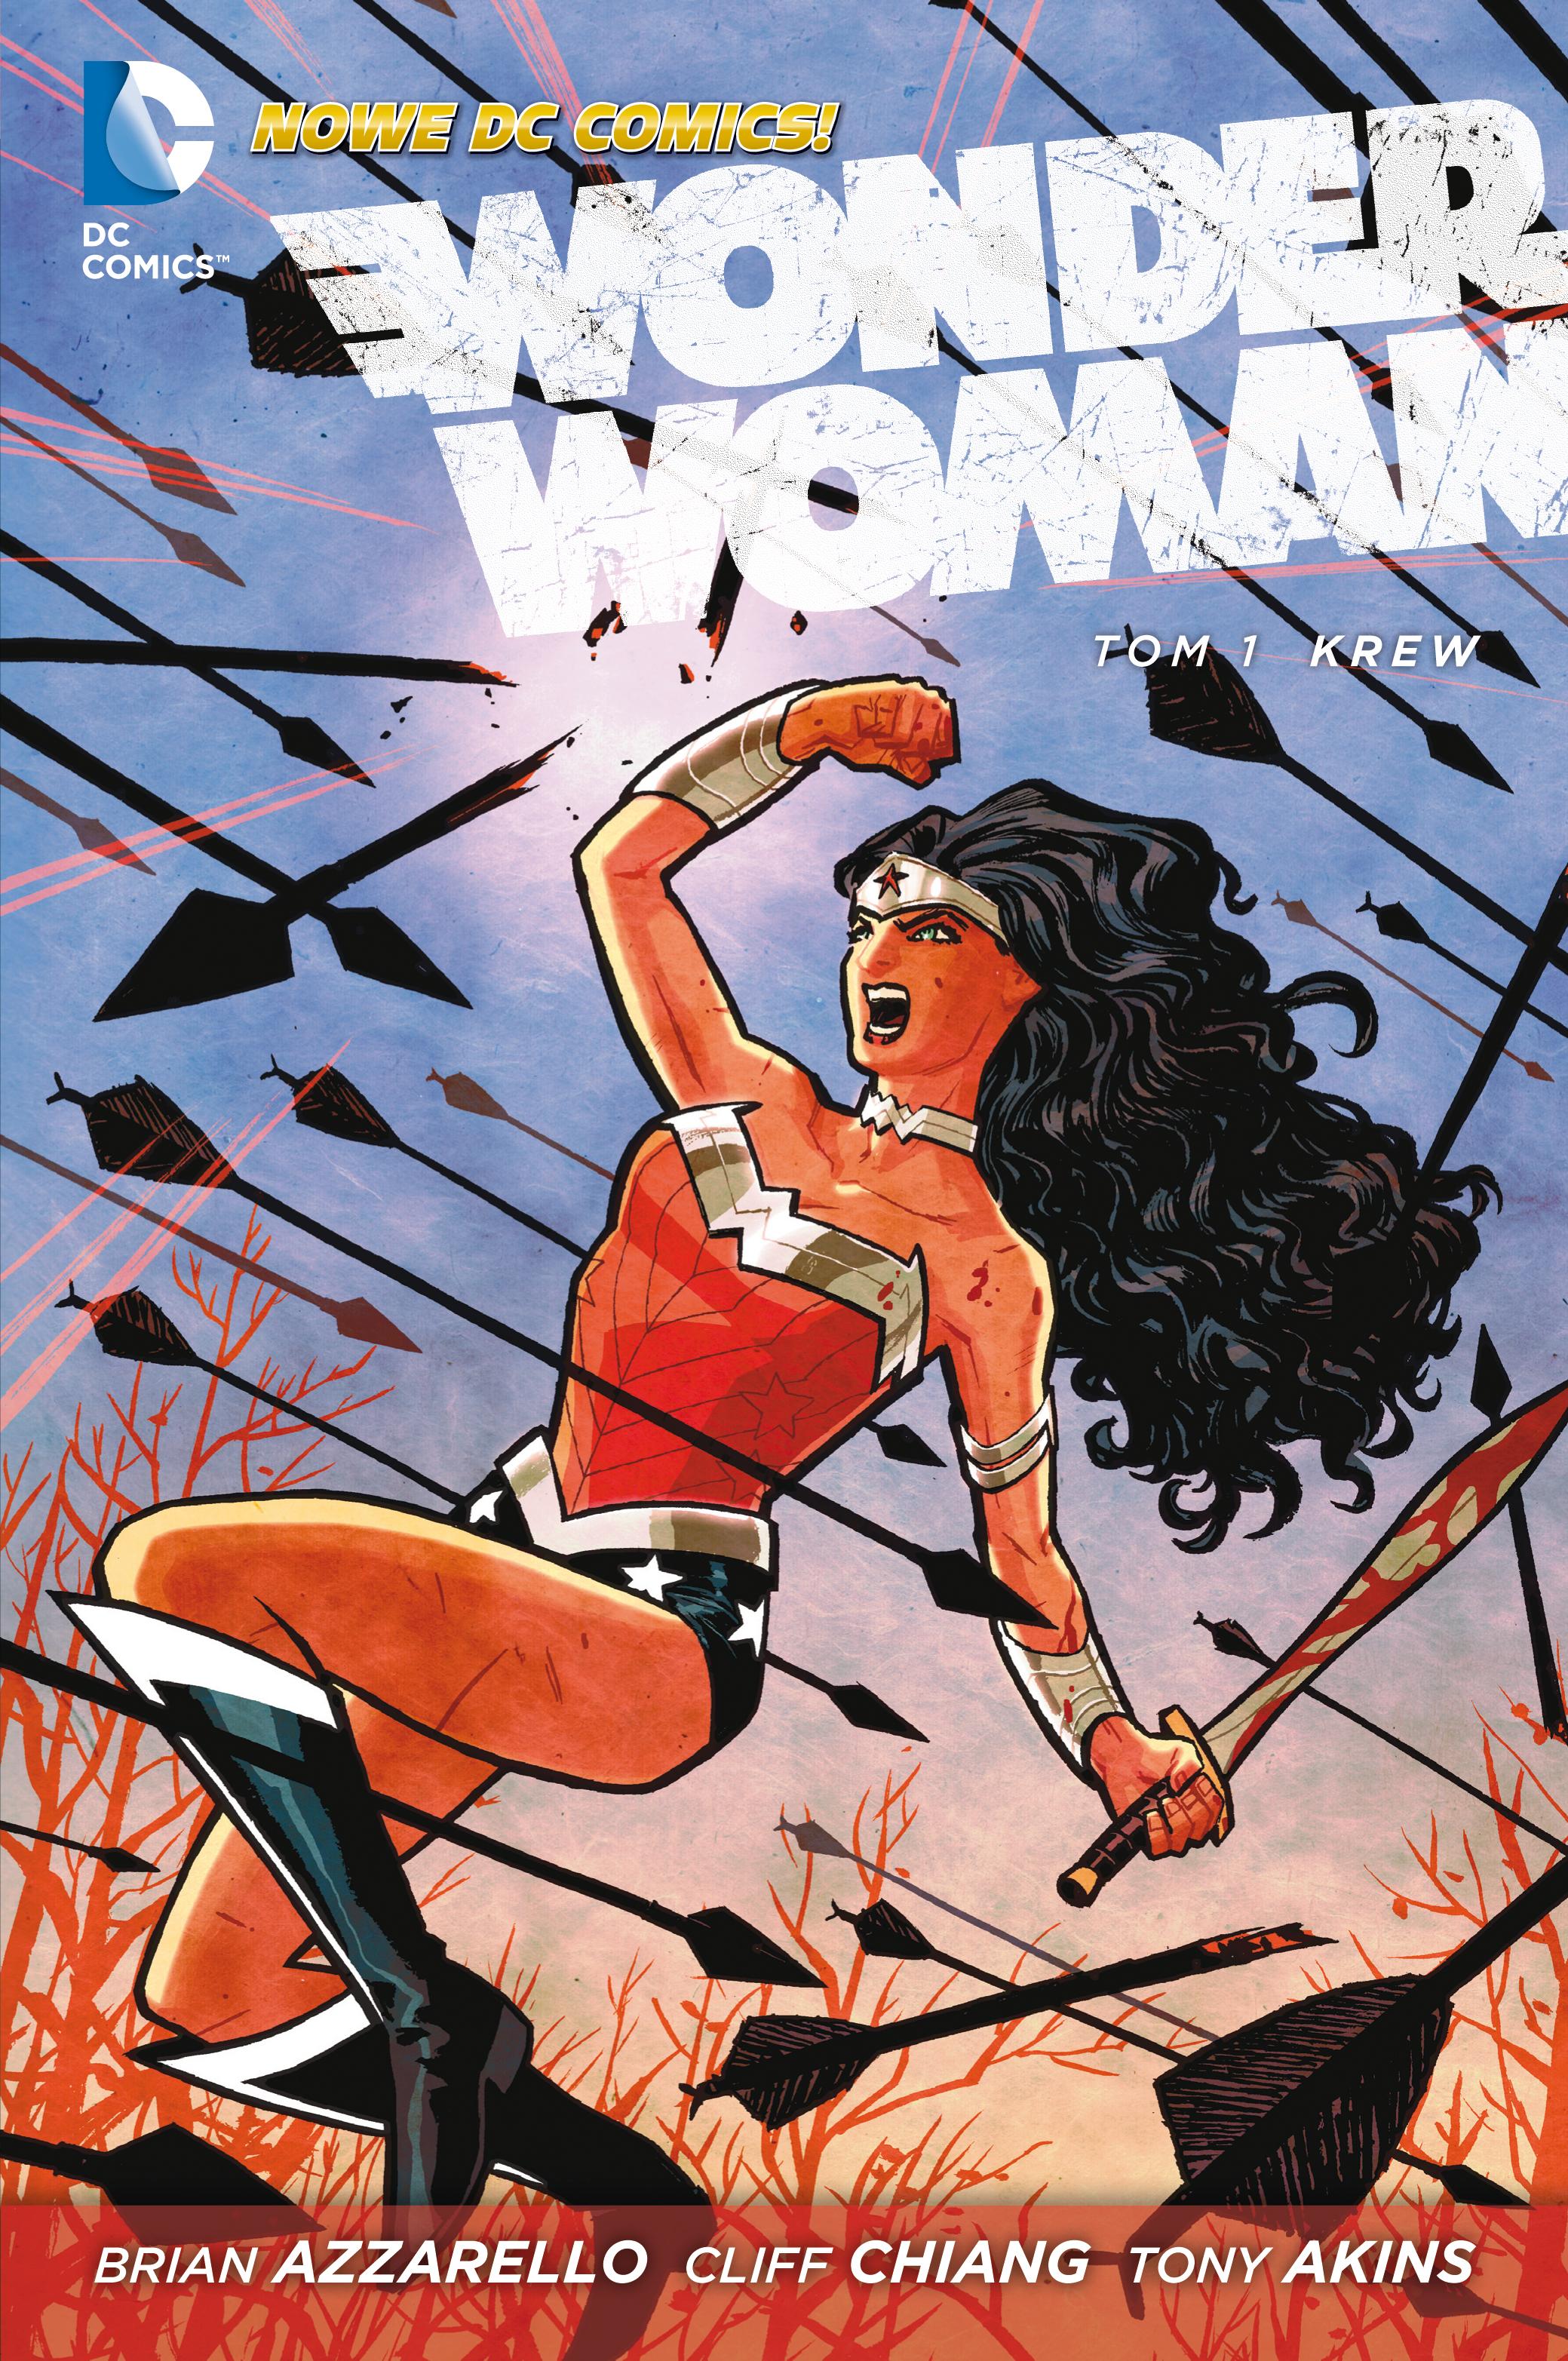 Wonder Woman. Tom 1. Krew